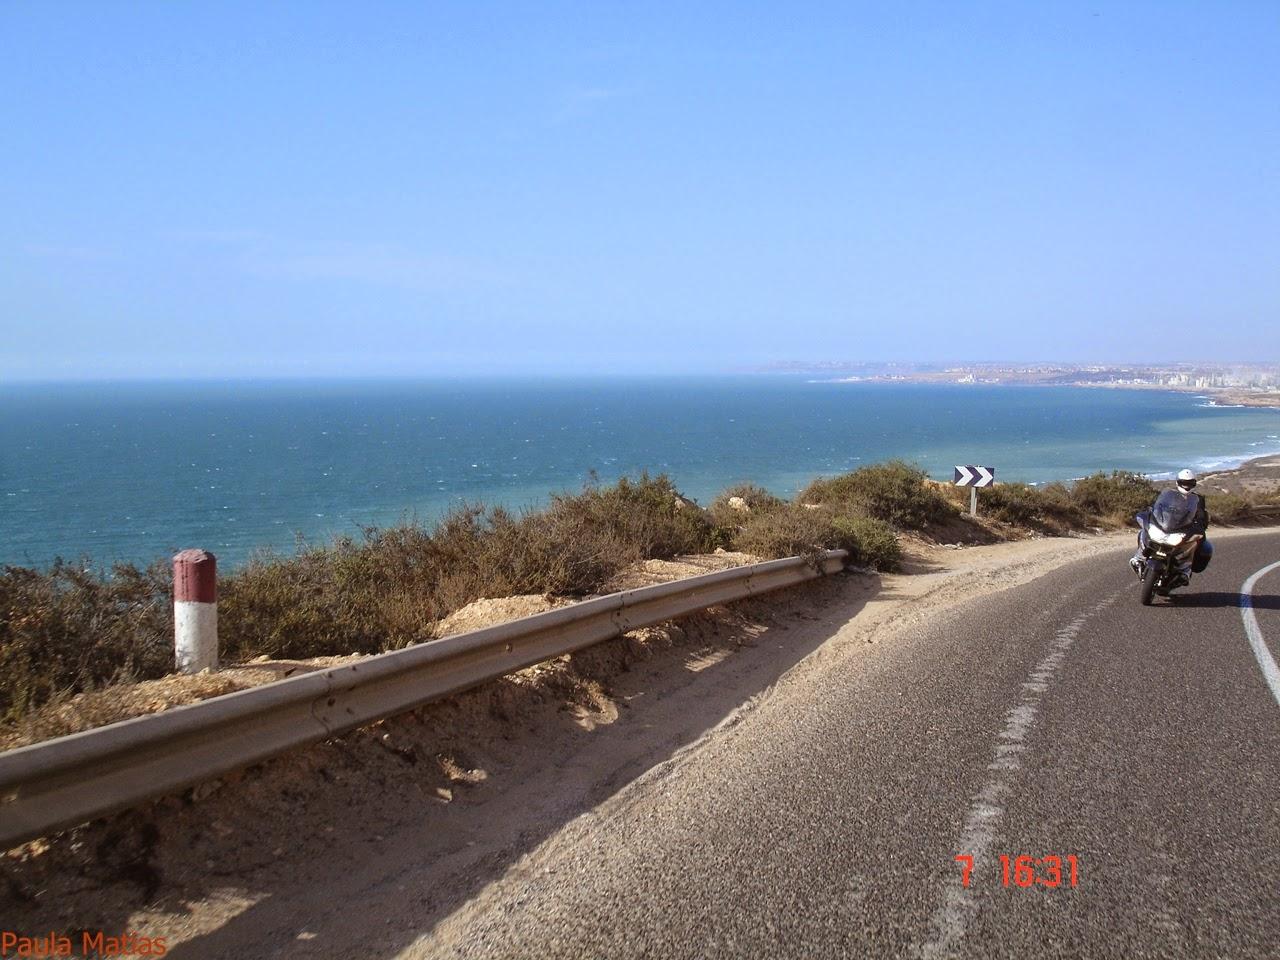 marrocos - Marrocos 2014 - O regresso  DSC03258_new